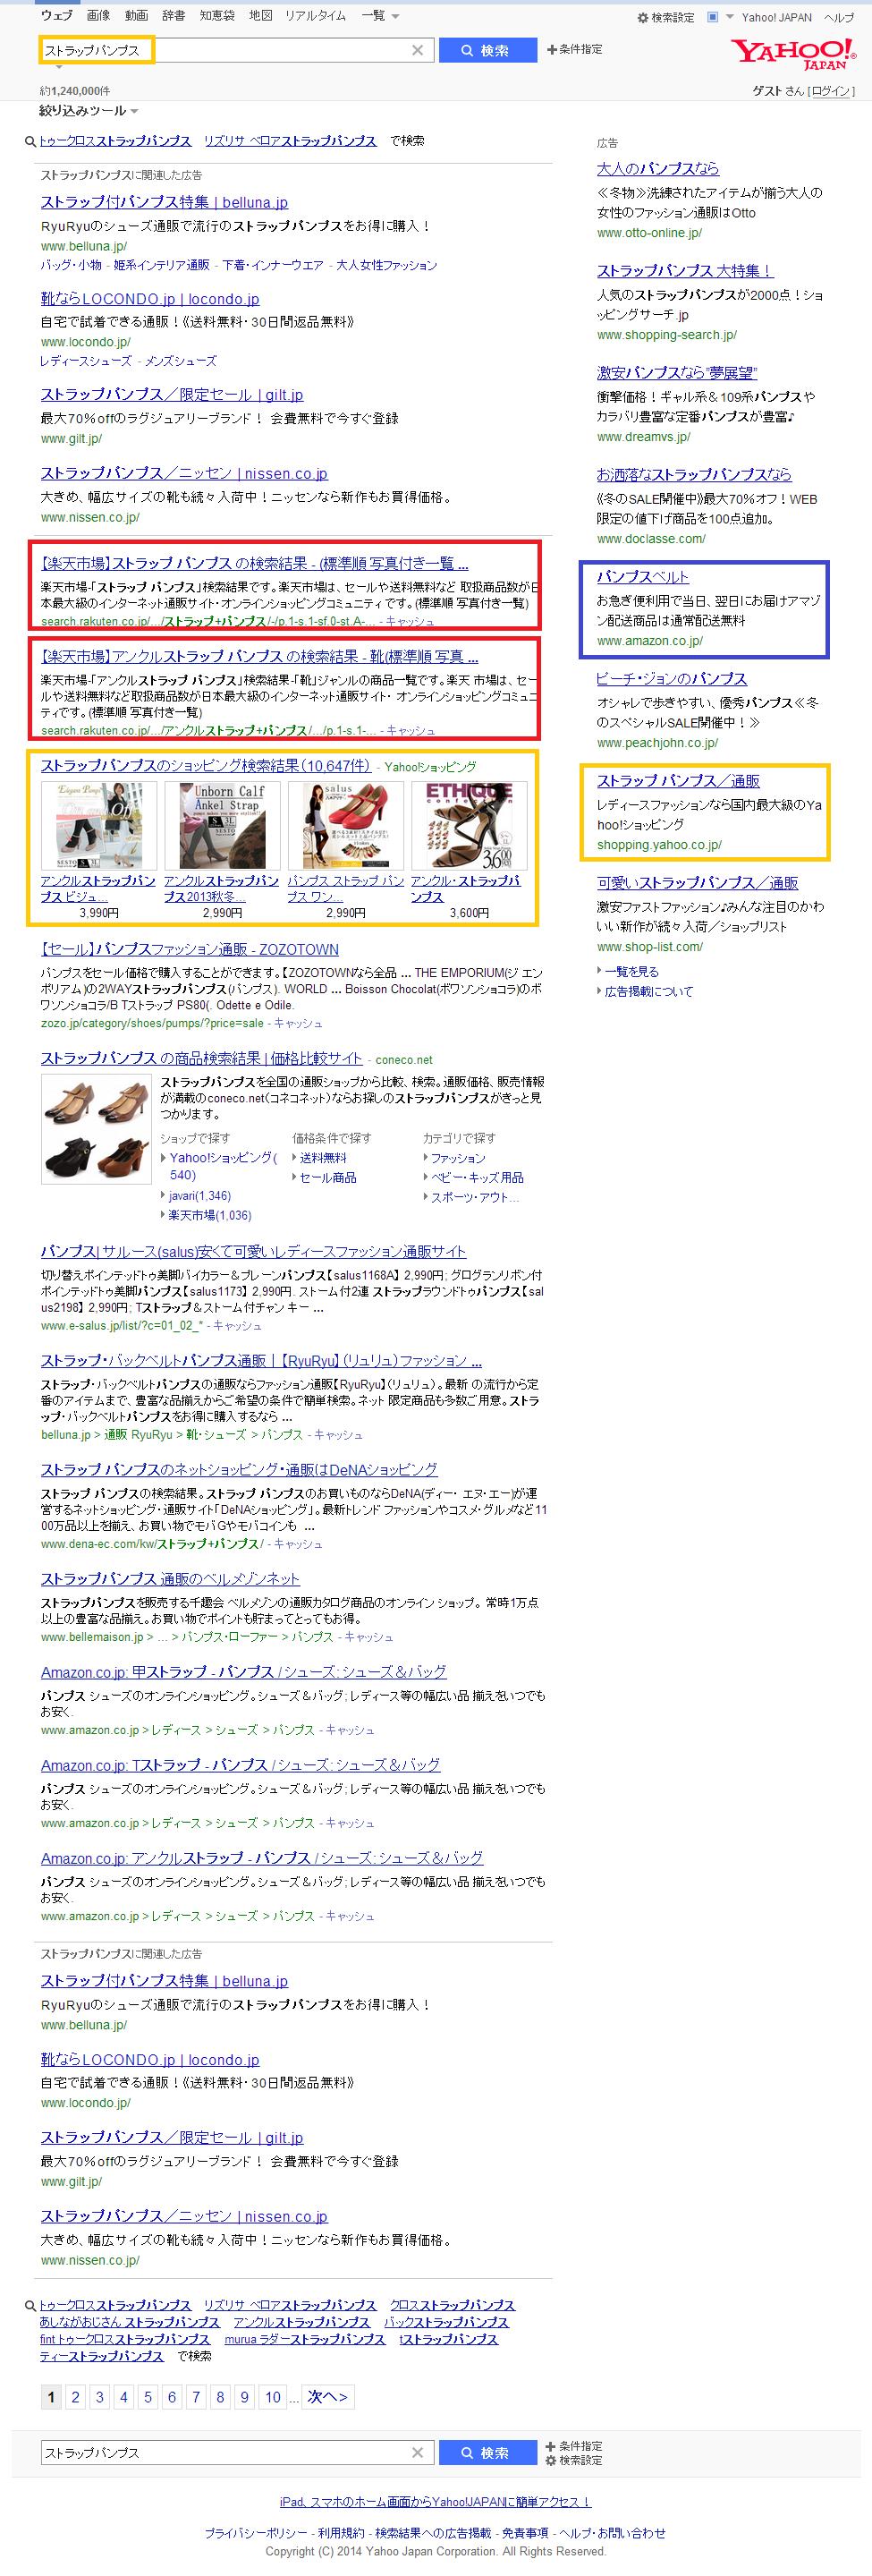 「ストラップパンプス」の検索結果   Yahoo 検索_1_11_2014.png